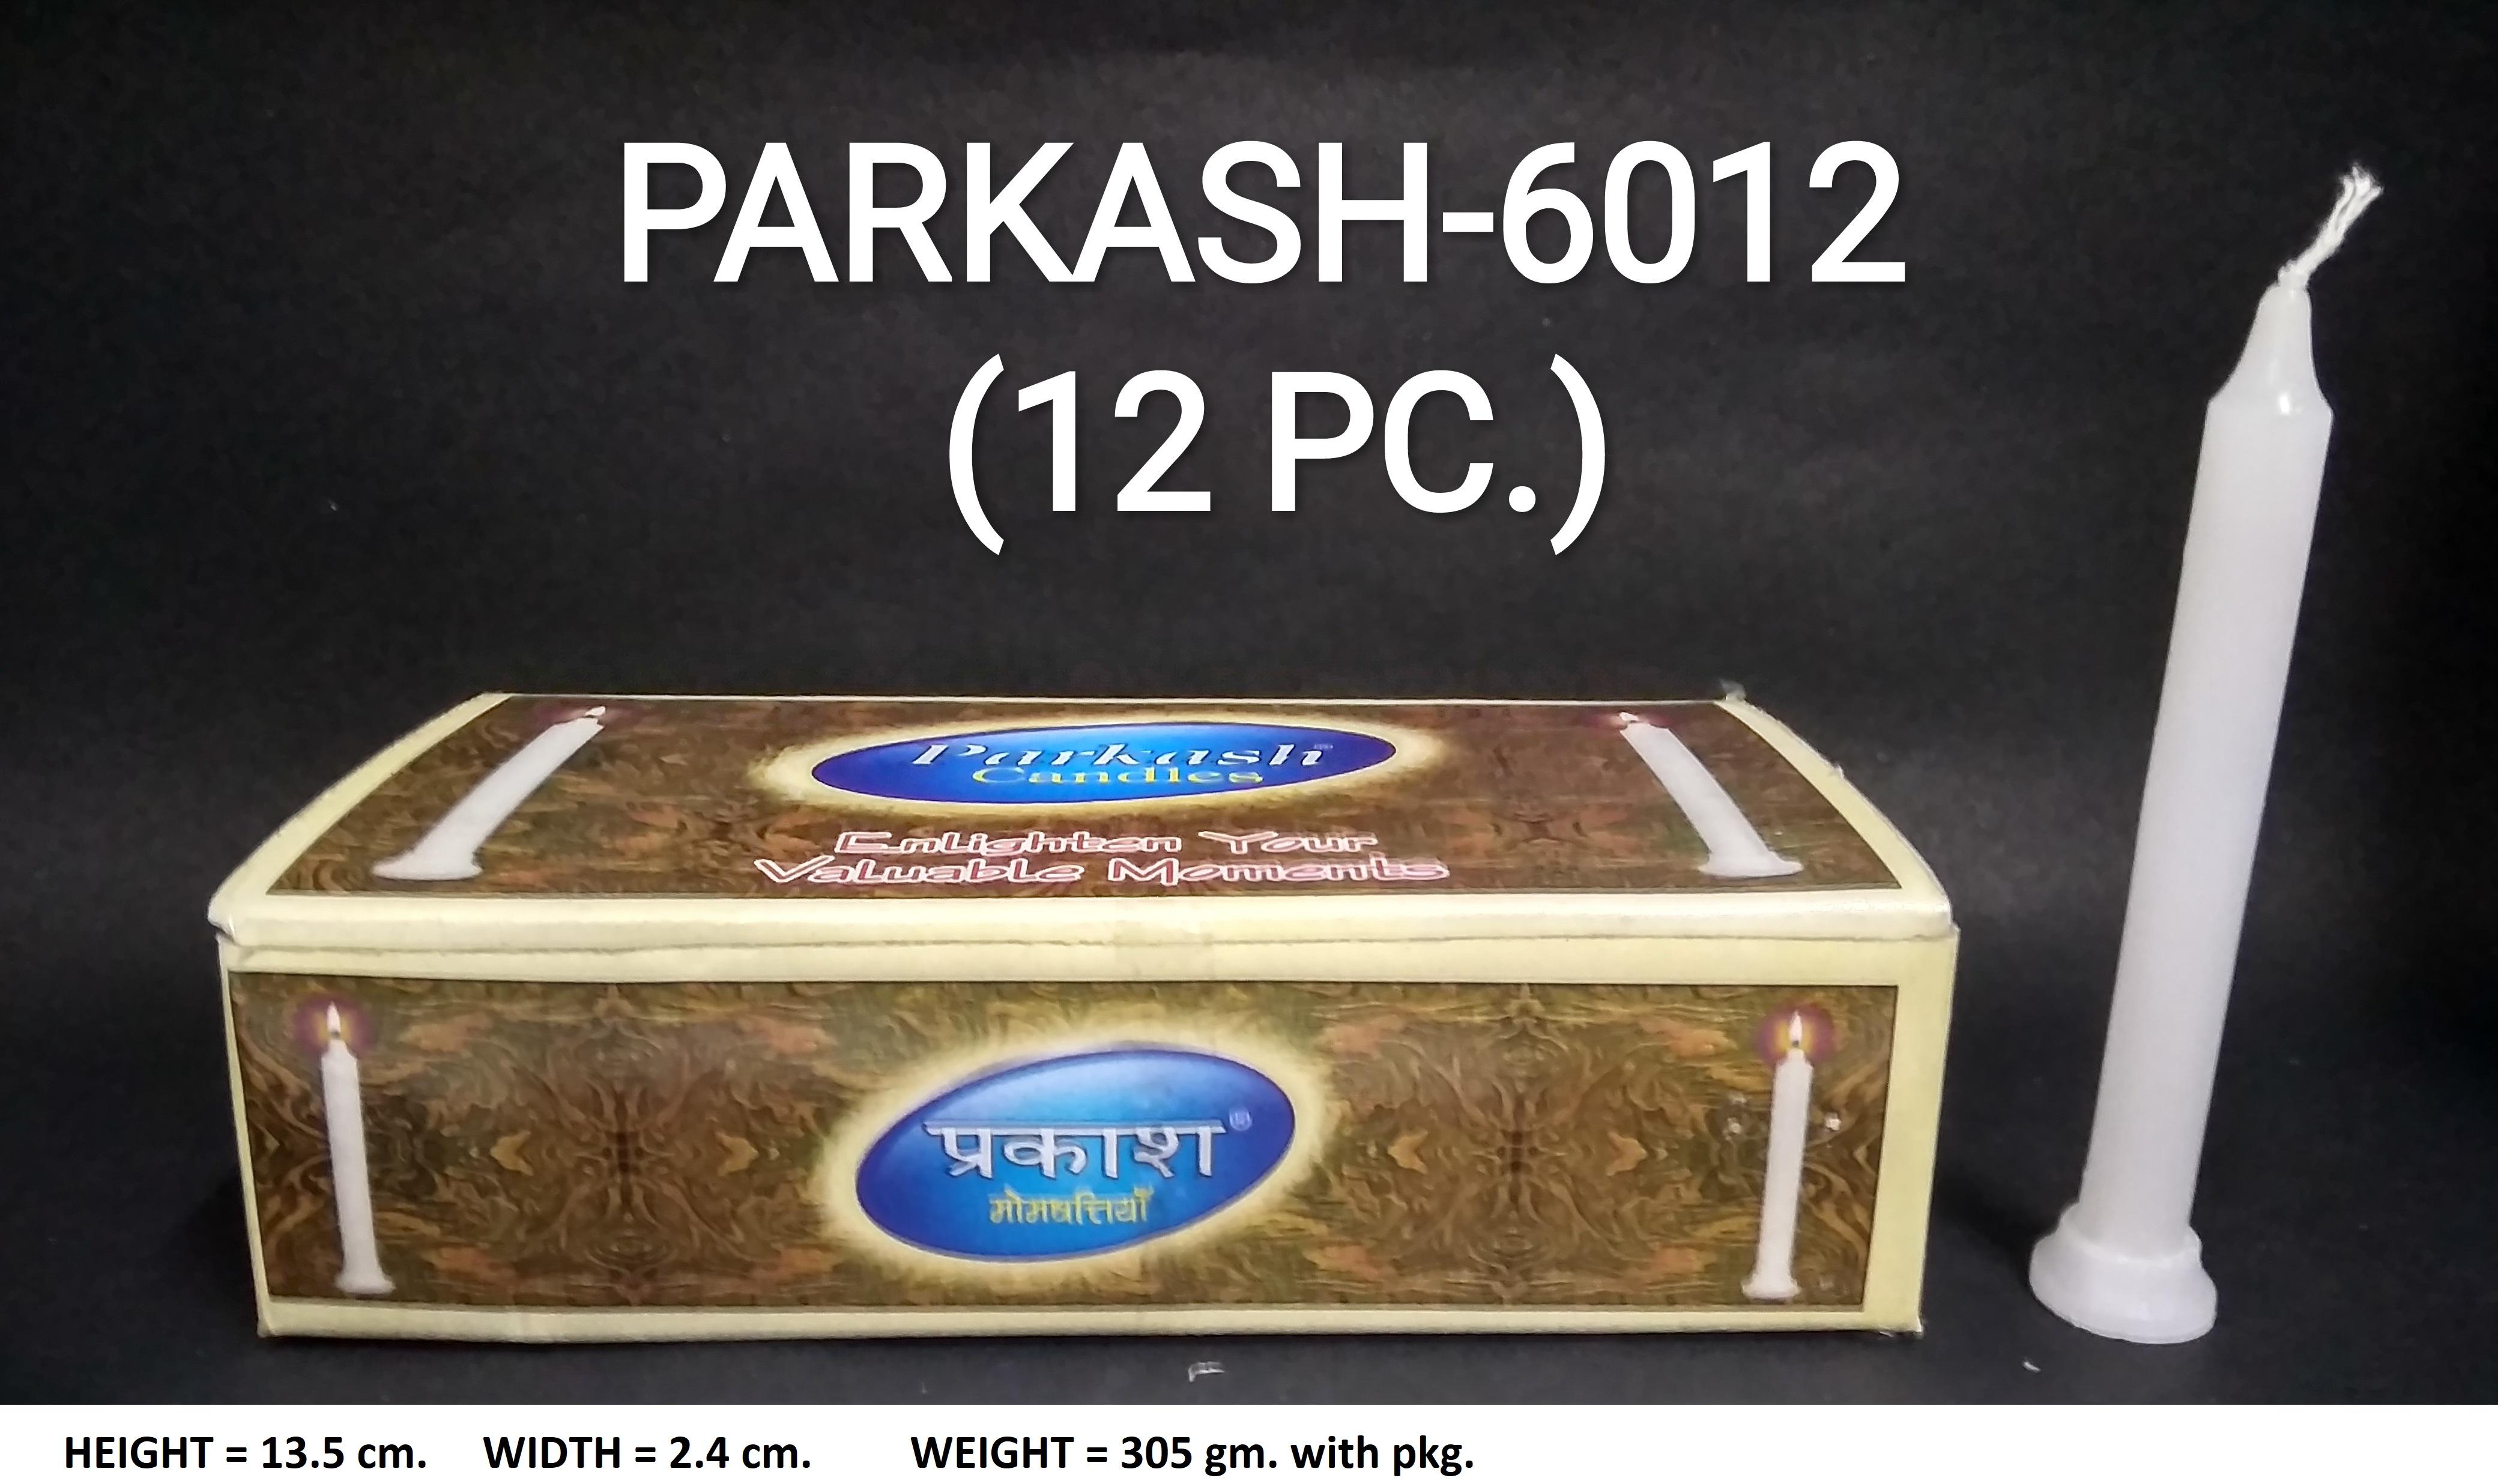 PARKASH-6012